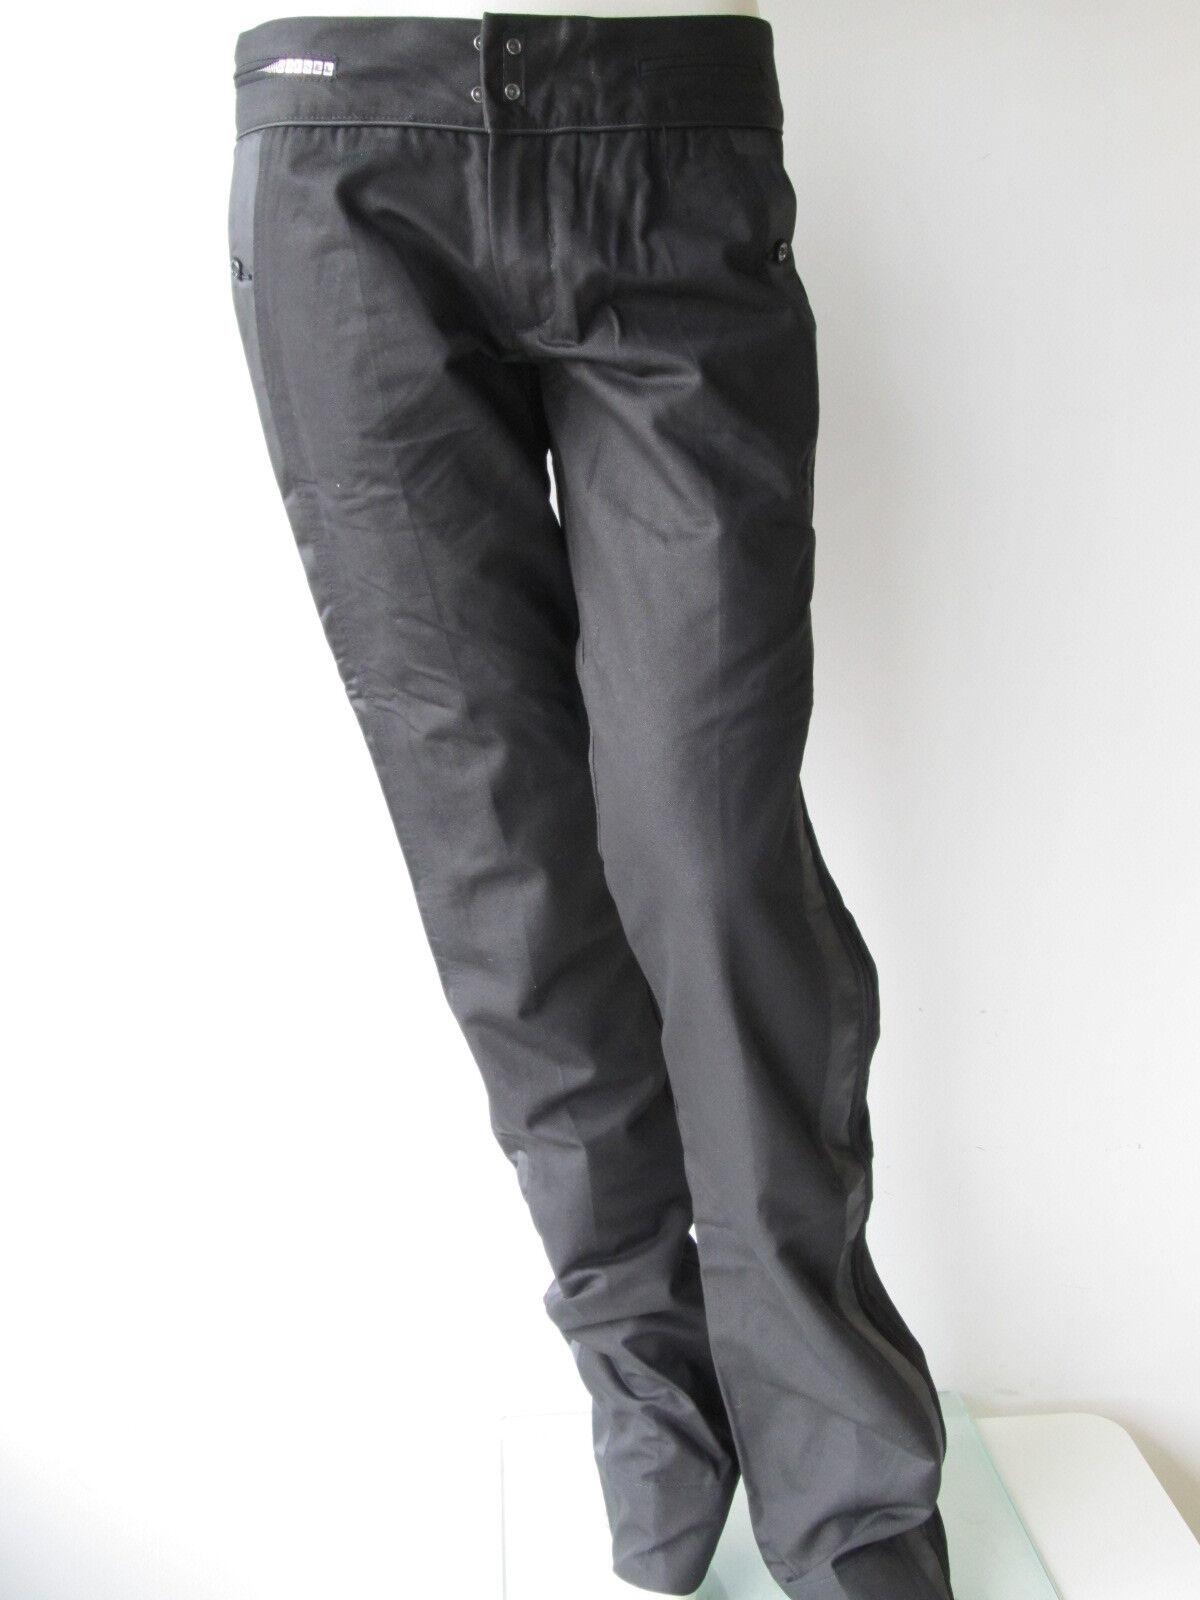 Diesel Damen Hose Pantalon Pants Neu Jeans Columba